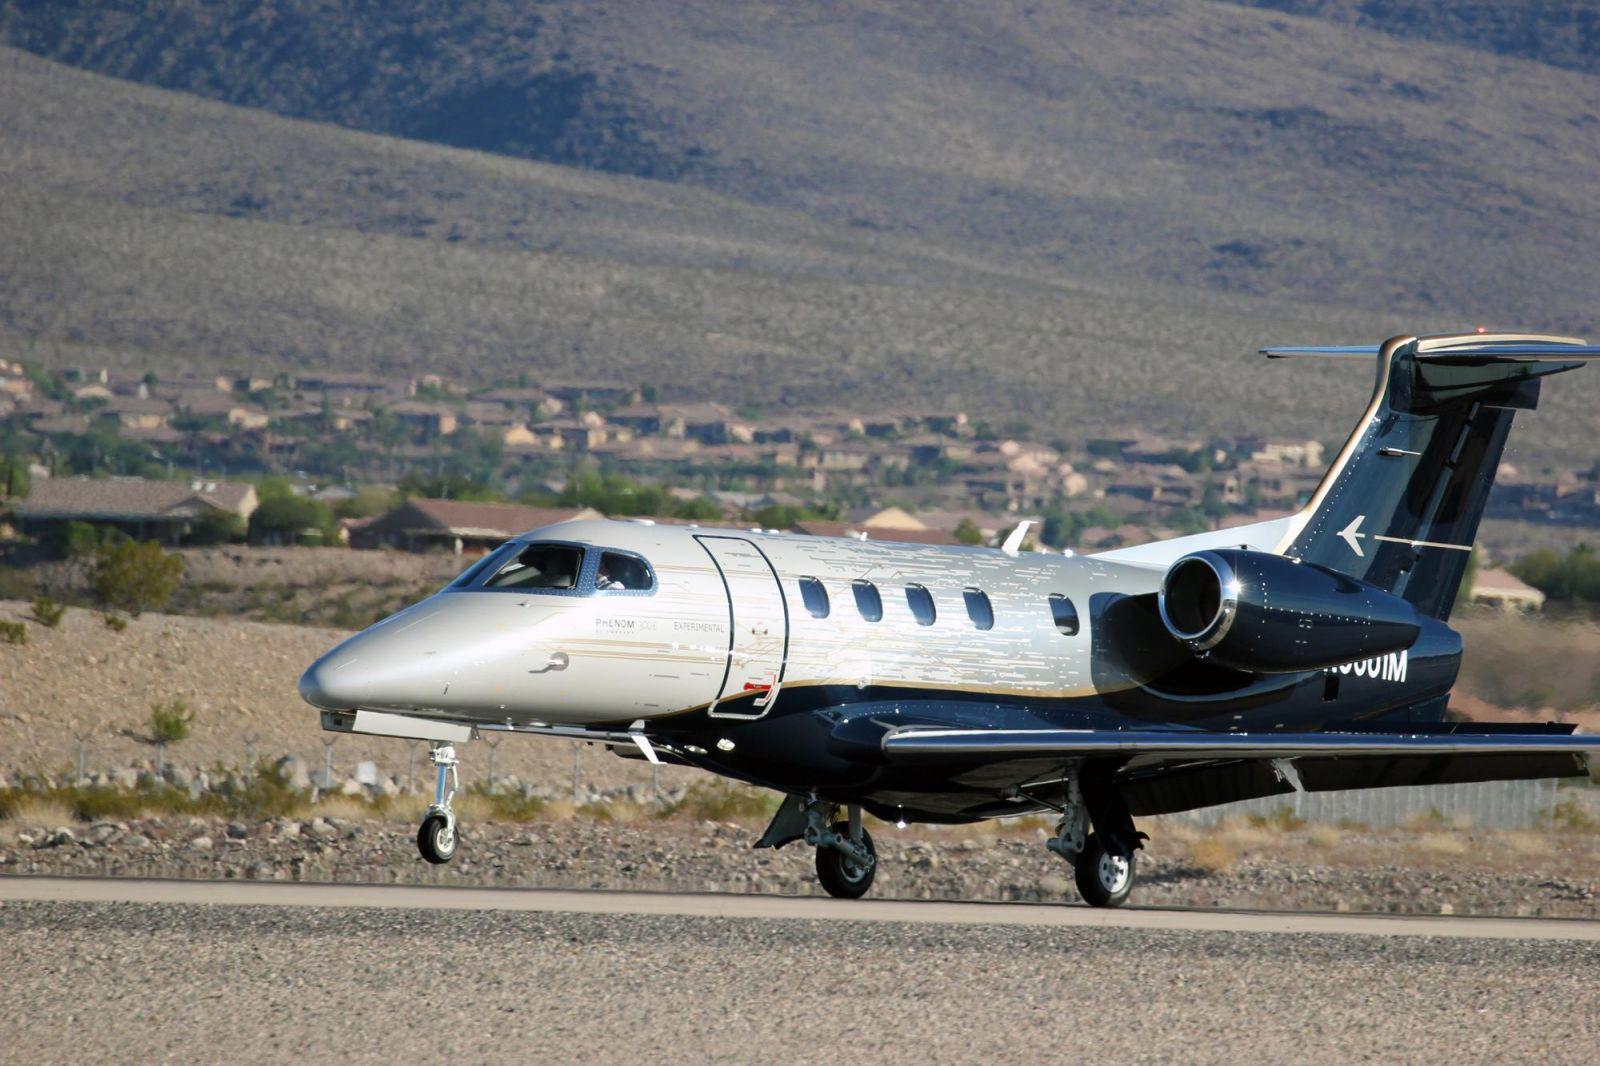 Новият, подобрен Embraer Phenom 300E постигна тройно сертифициране от ANAC, EASA и FAA (ЕКСКЛУЗИВНА ГАЛЕРИЯ)